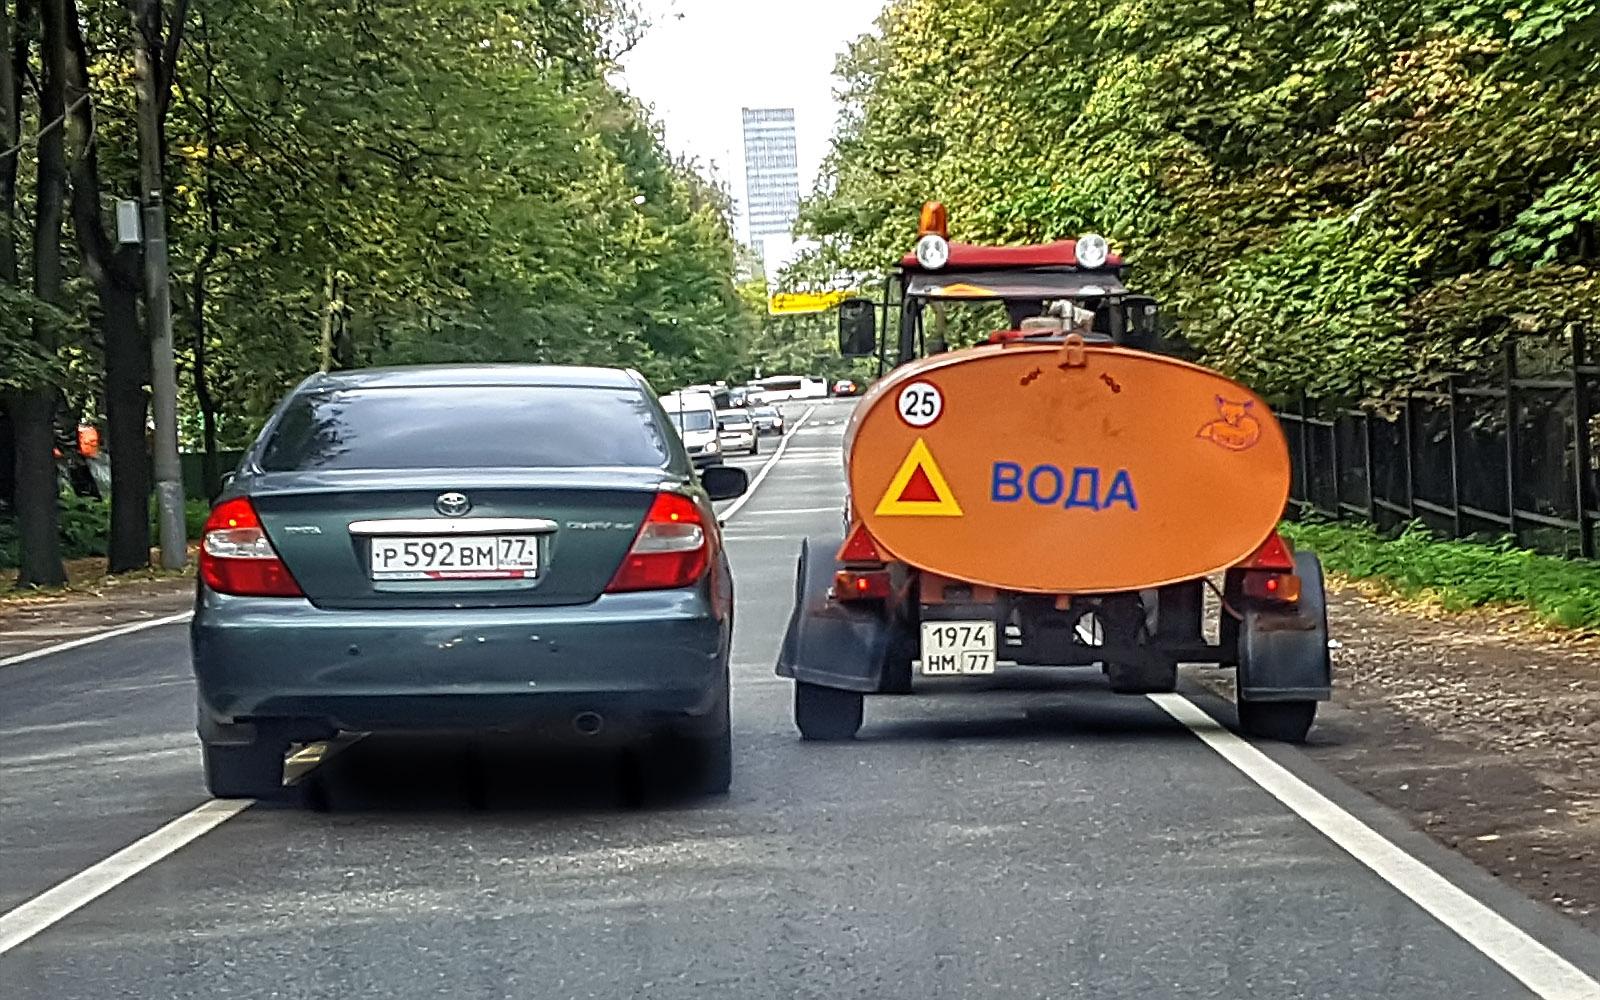 Что такое транспортное средство администратор блога